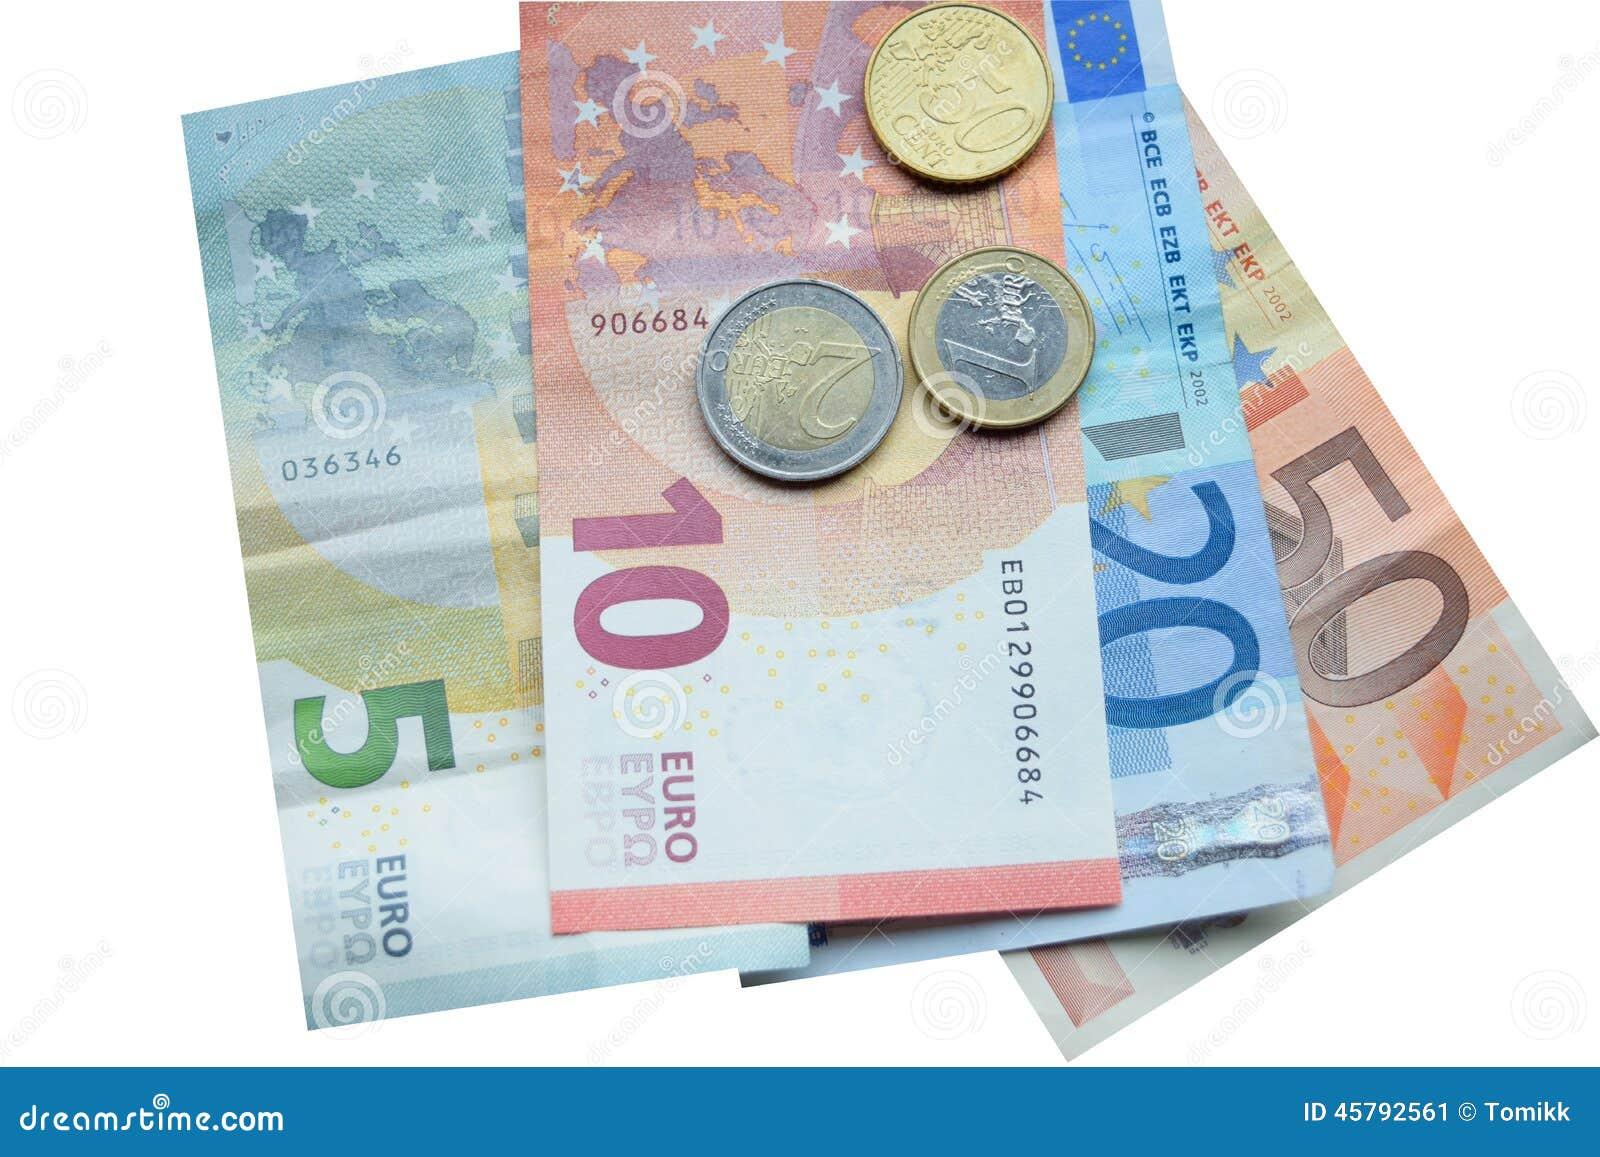 euro billet de banque et pi ces de monnaie d 39 argent image stock image 45792561. Black Bedroom Furniture Sets. Home Design Ideas